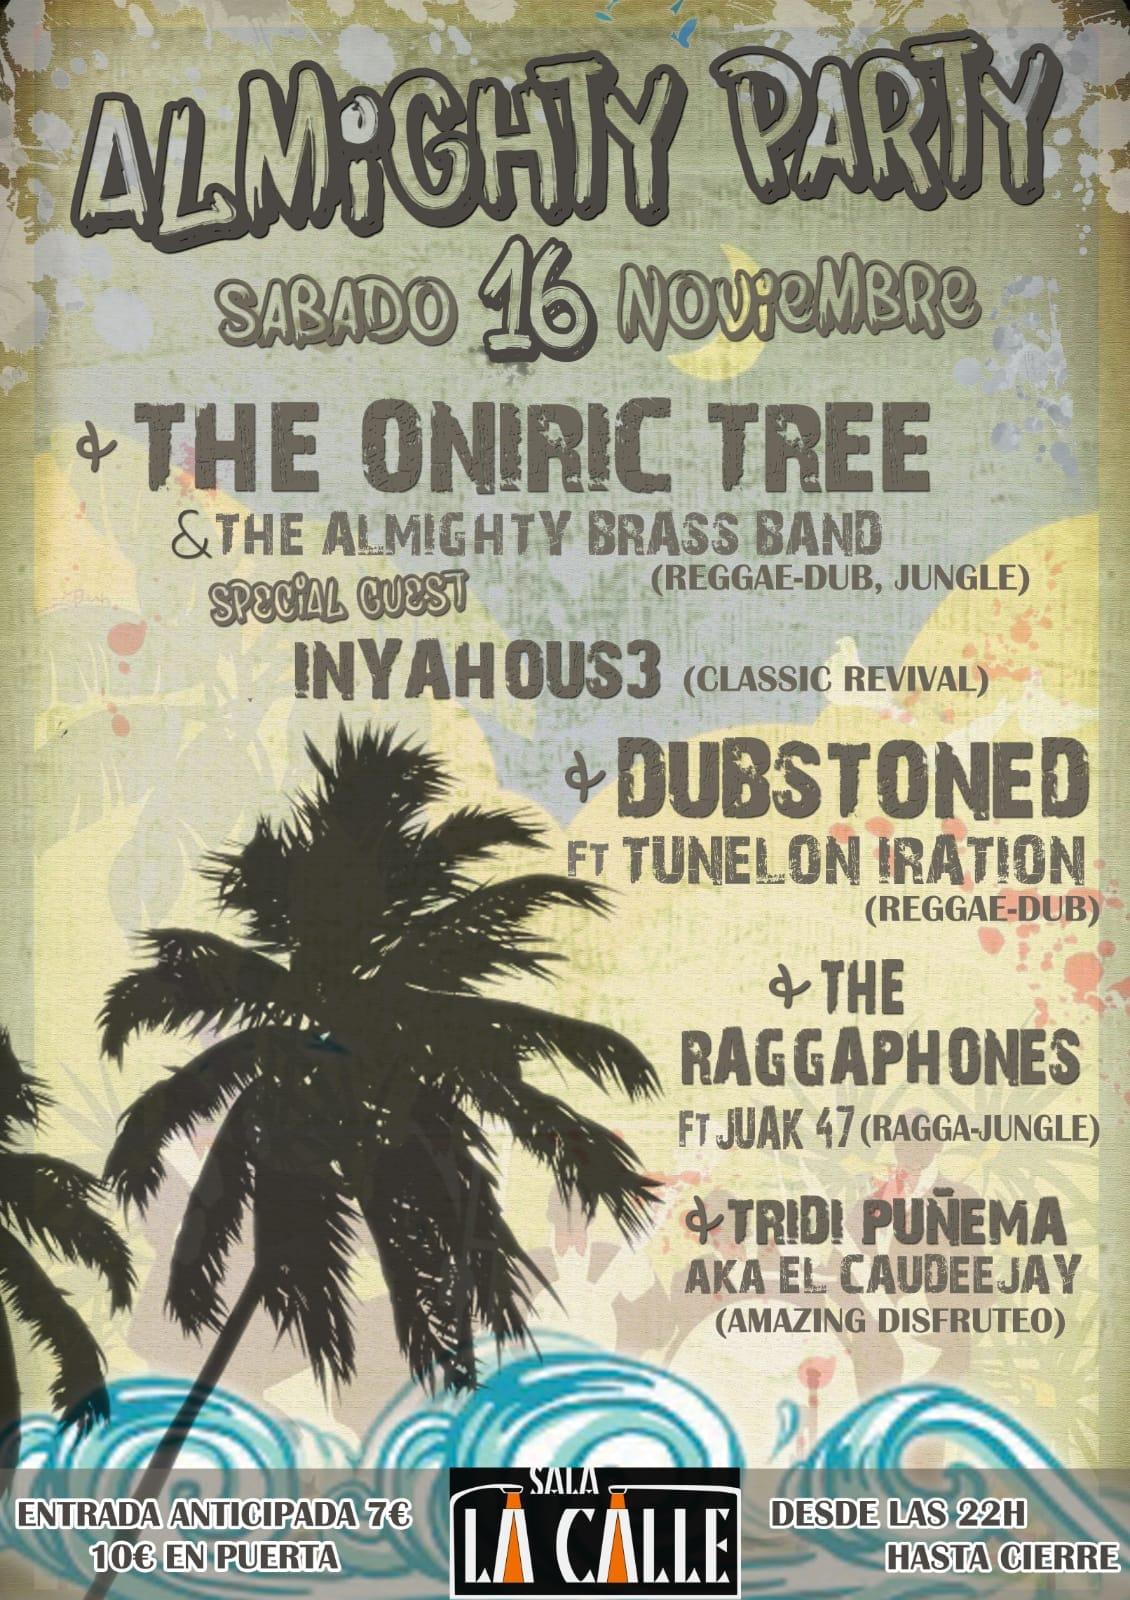 Almighty Party – Oniric Tree + Invitados